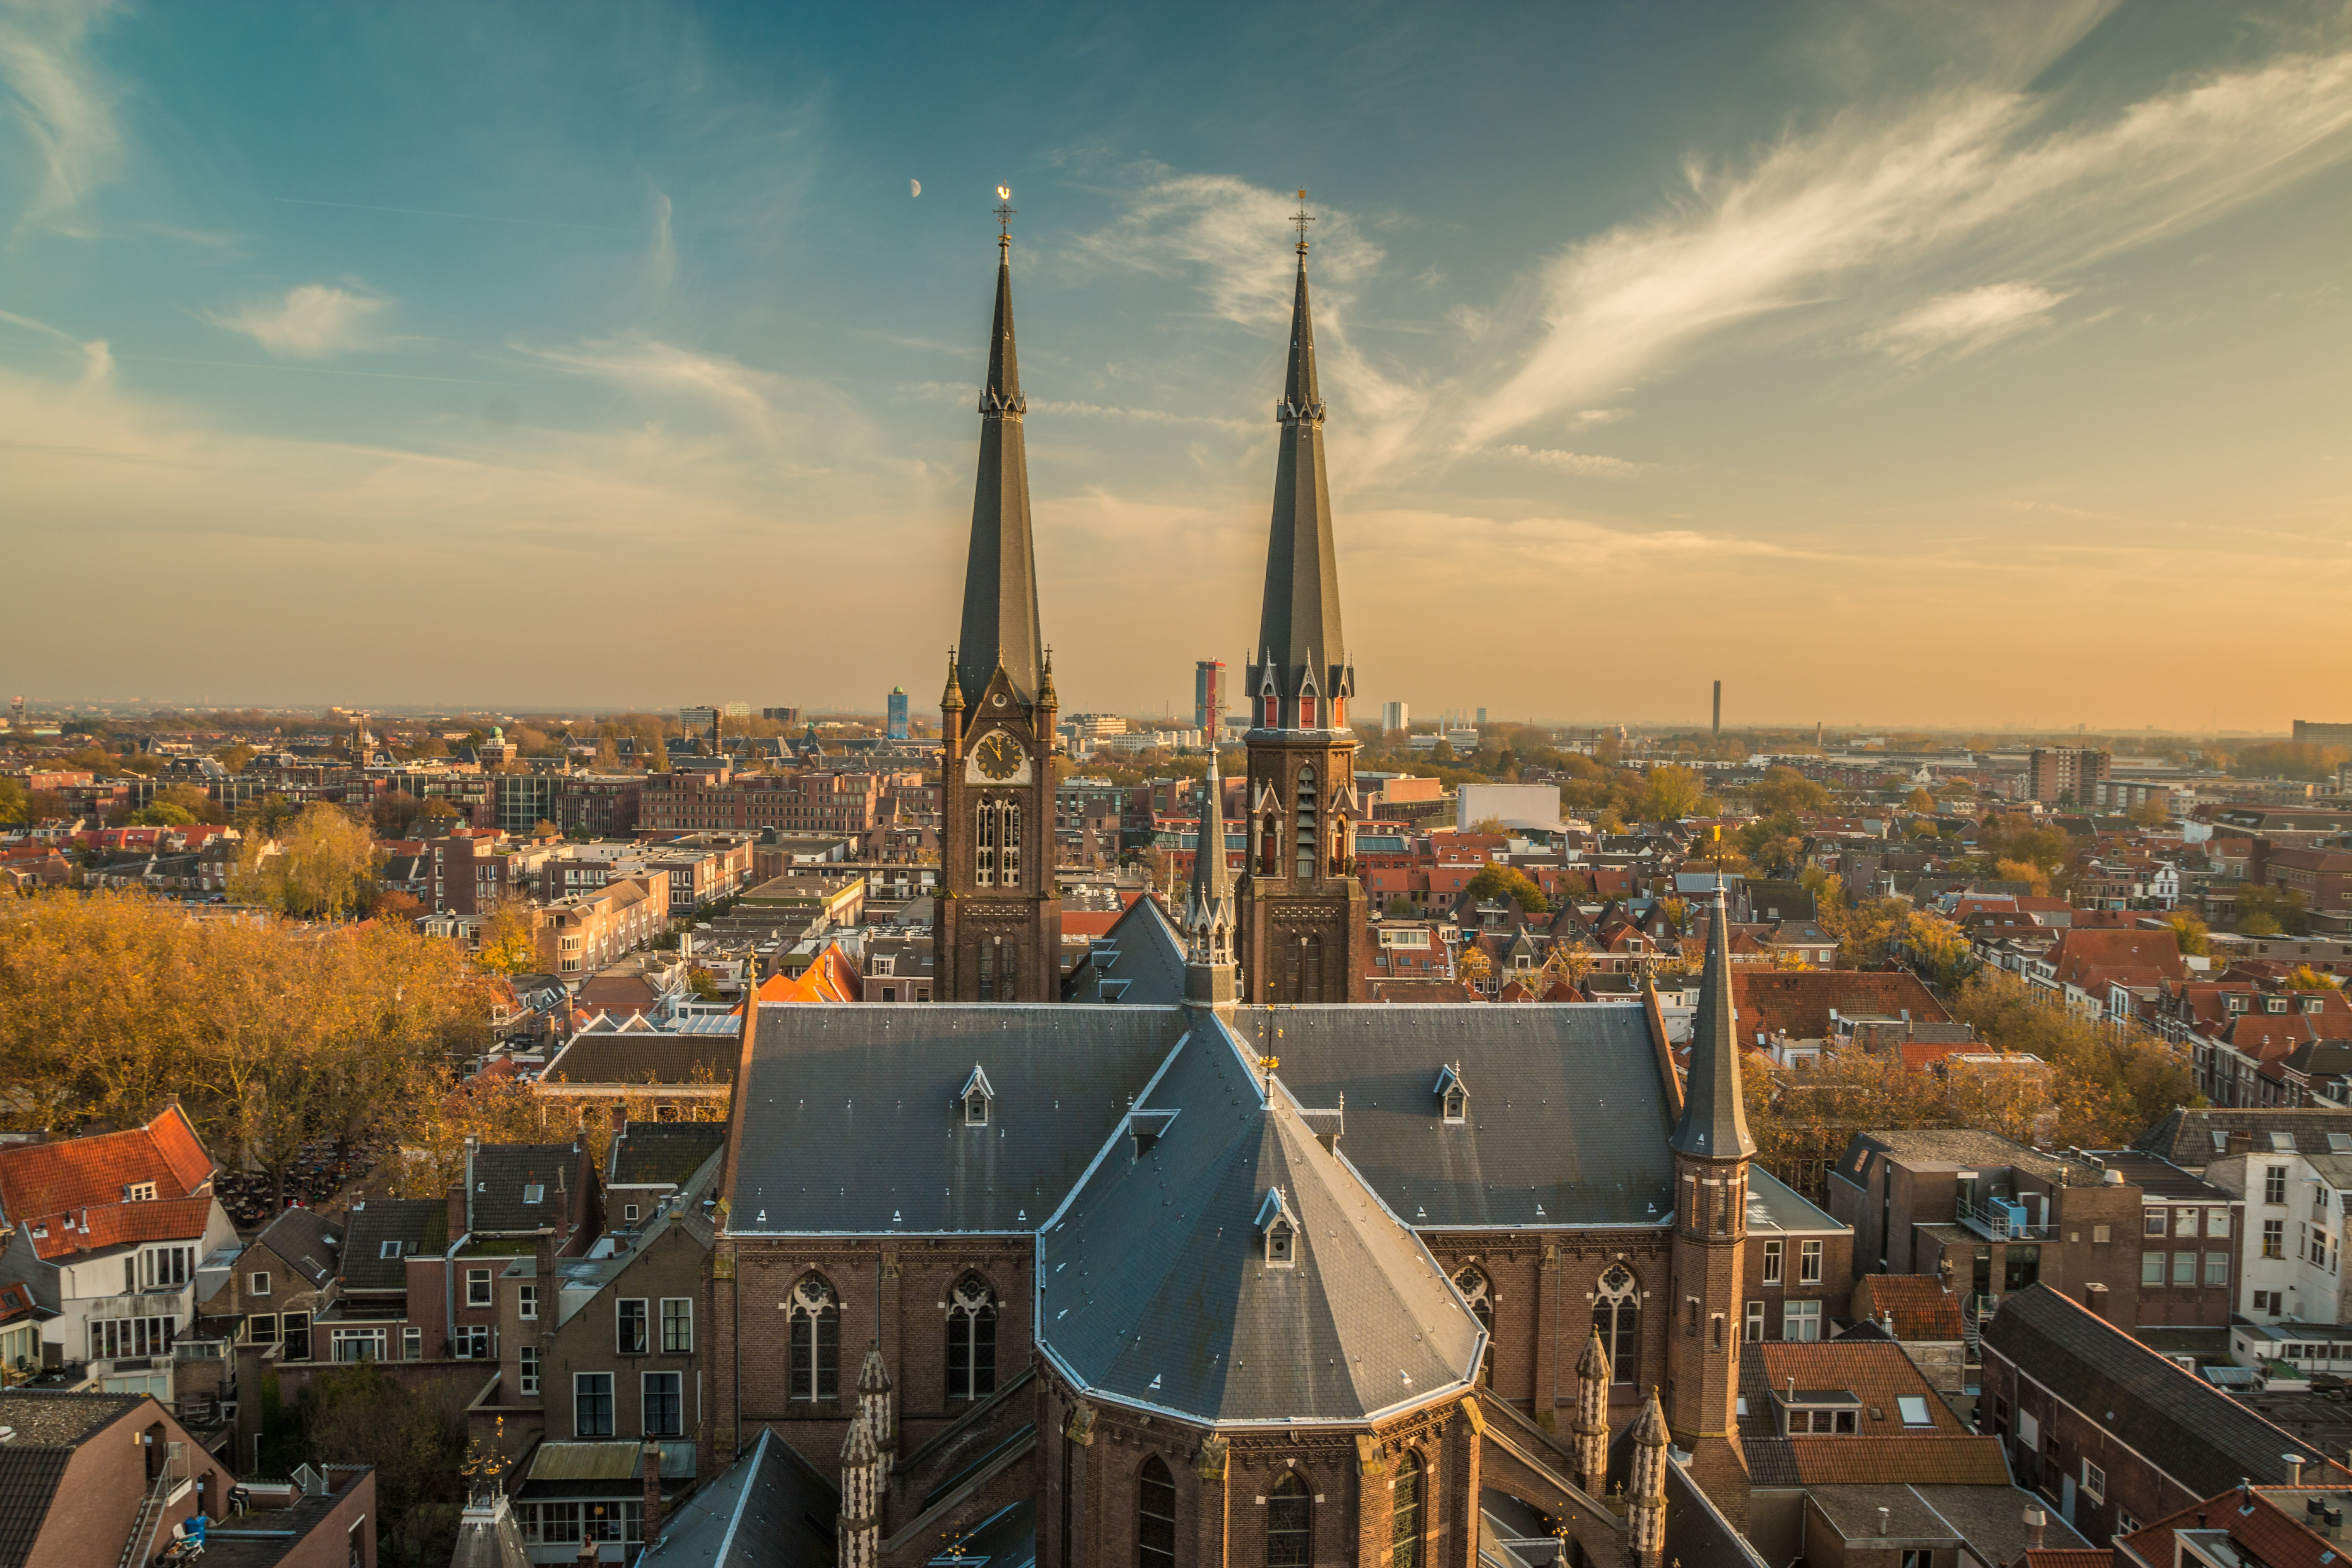 Administratiekantoor Delft